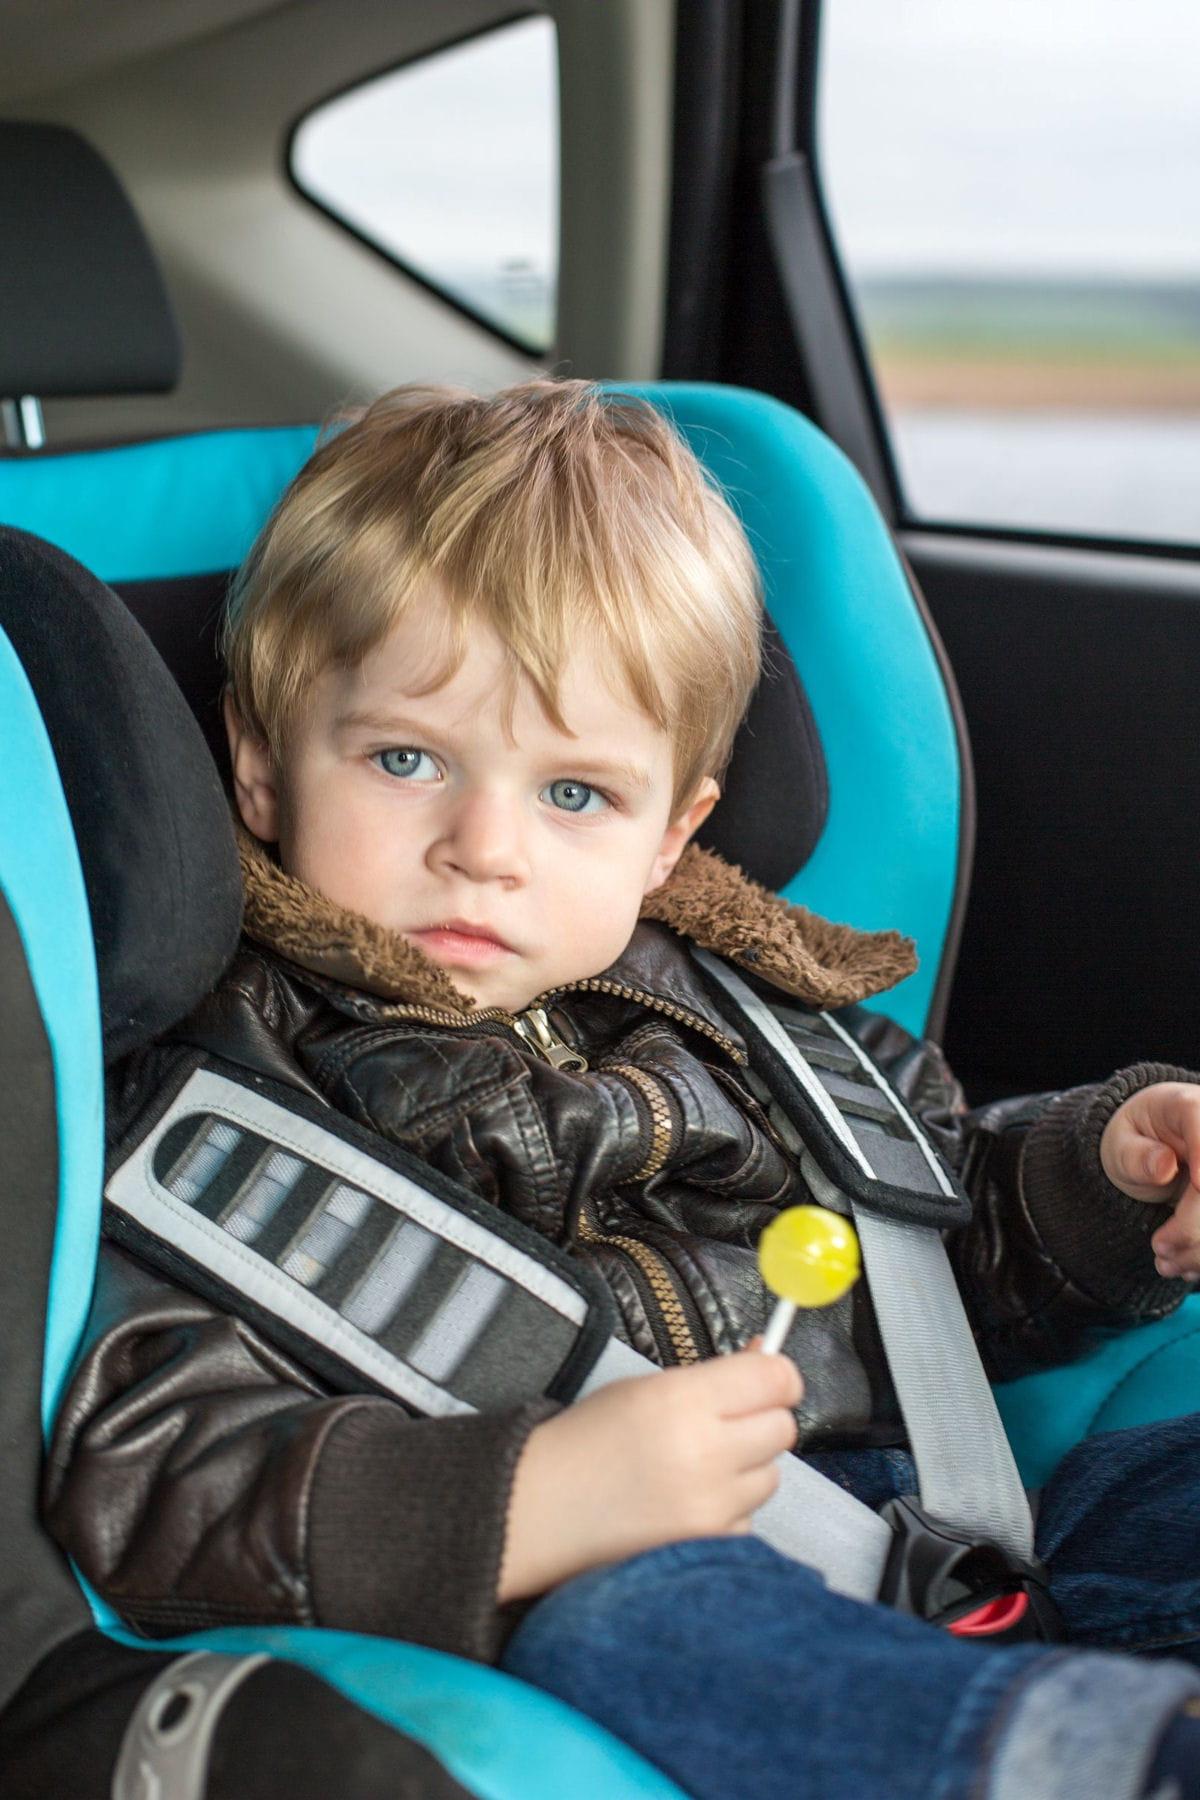 Comment enlever des taches de chewing gum sur des si ges de voiture des astuces pour - Nettoyer tache siege voiture ...